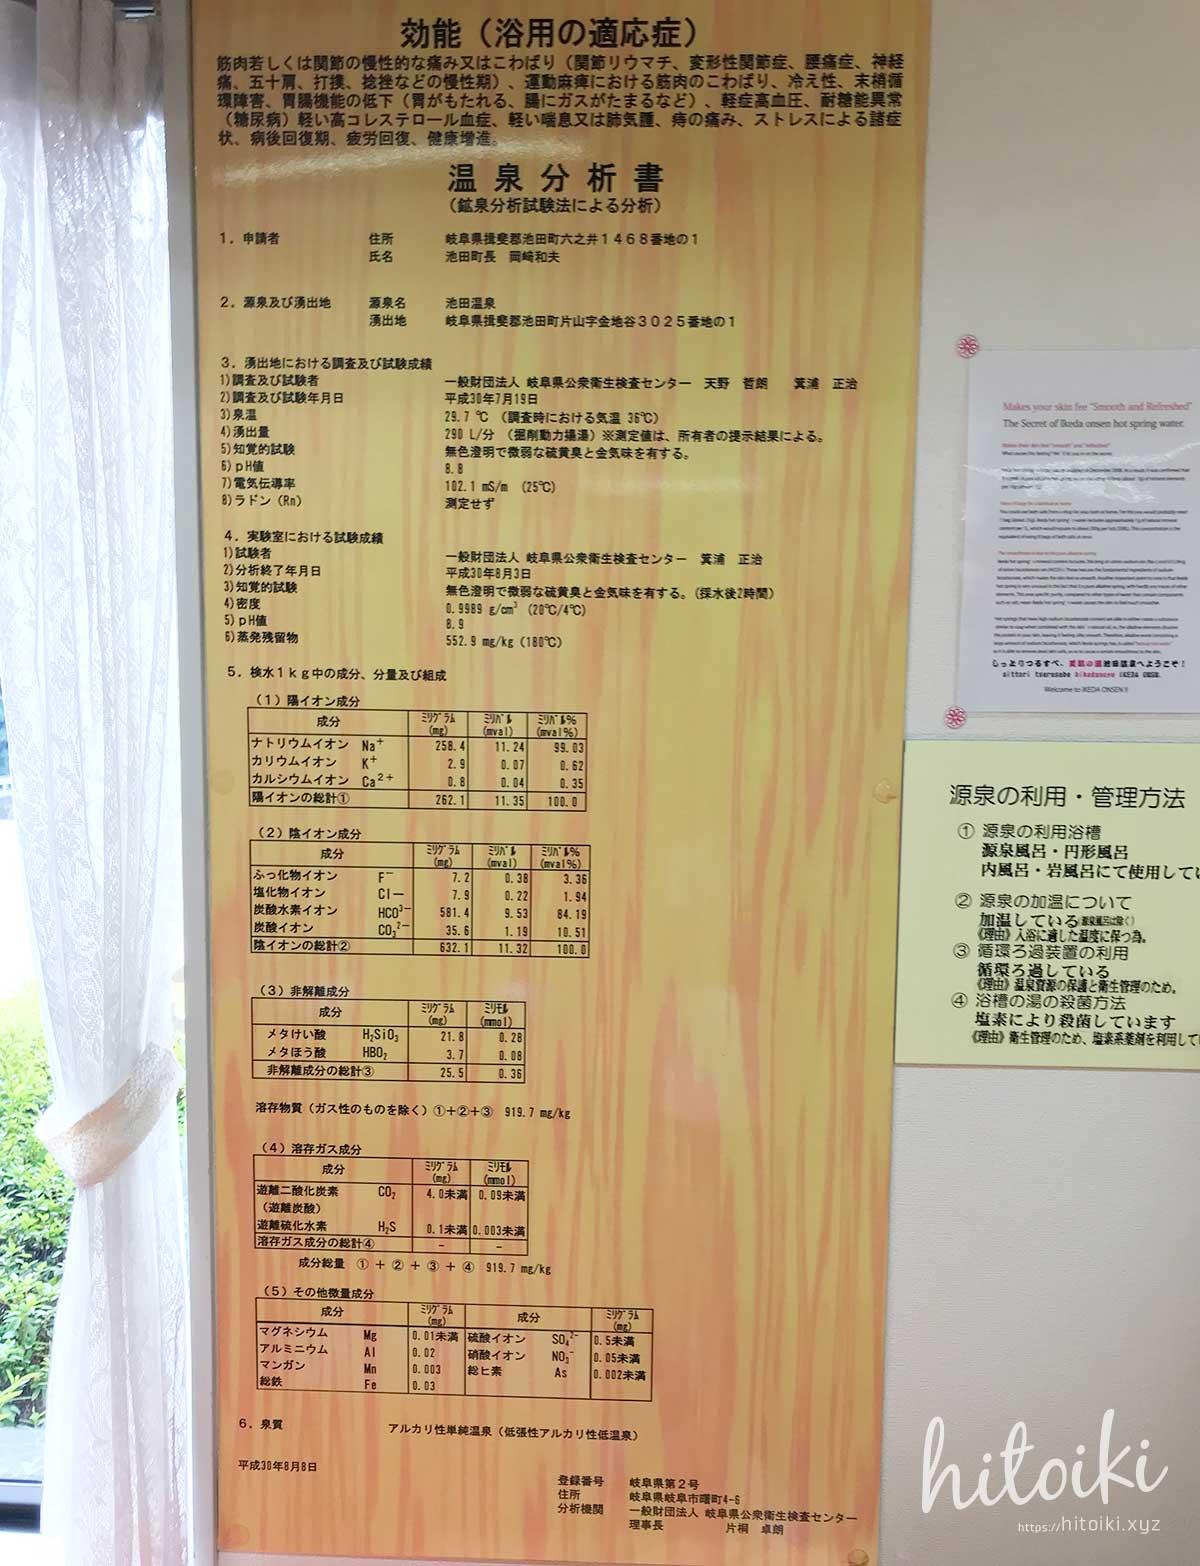 池田温泉への撮影旅行記!東海地方の滑り台のあるお風呂が人気!小さい子どもも遊べる日帰り入浴施設! 温泉の泉質について 温泉分析書 ikedaonsen_img_4858